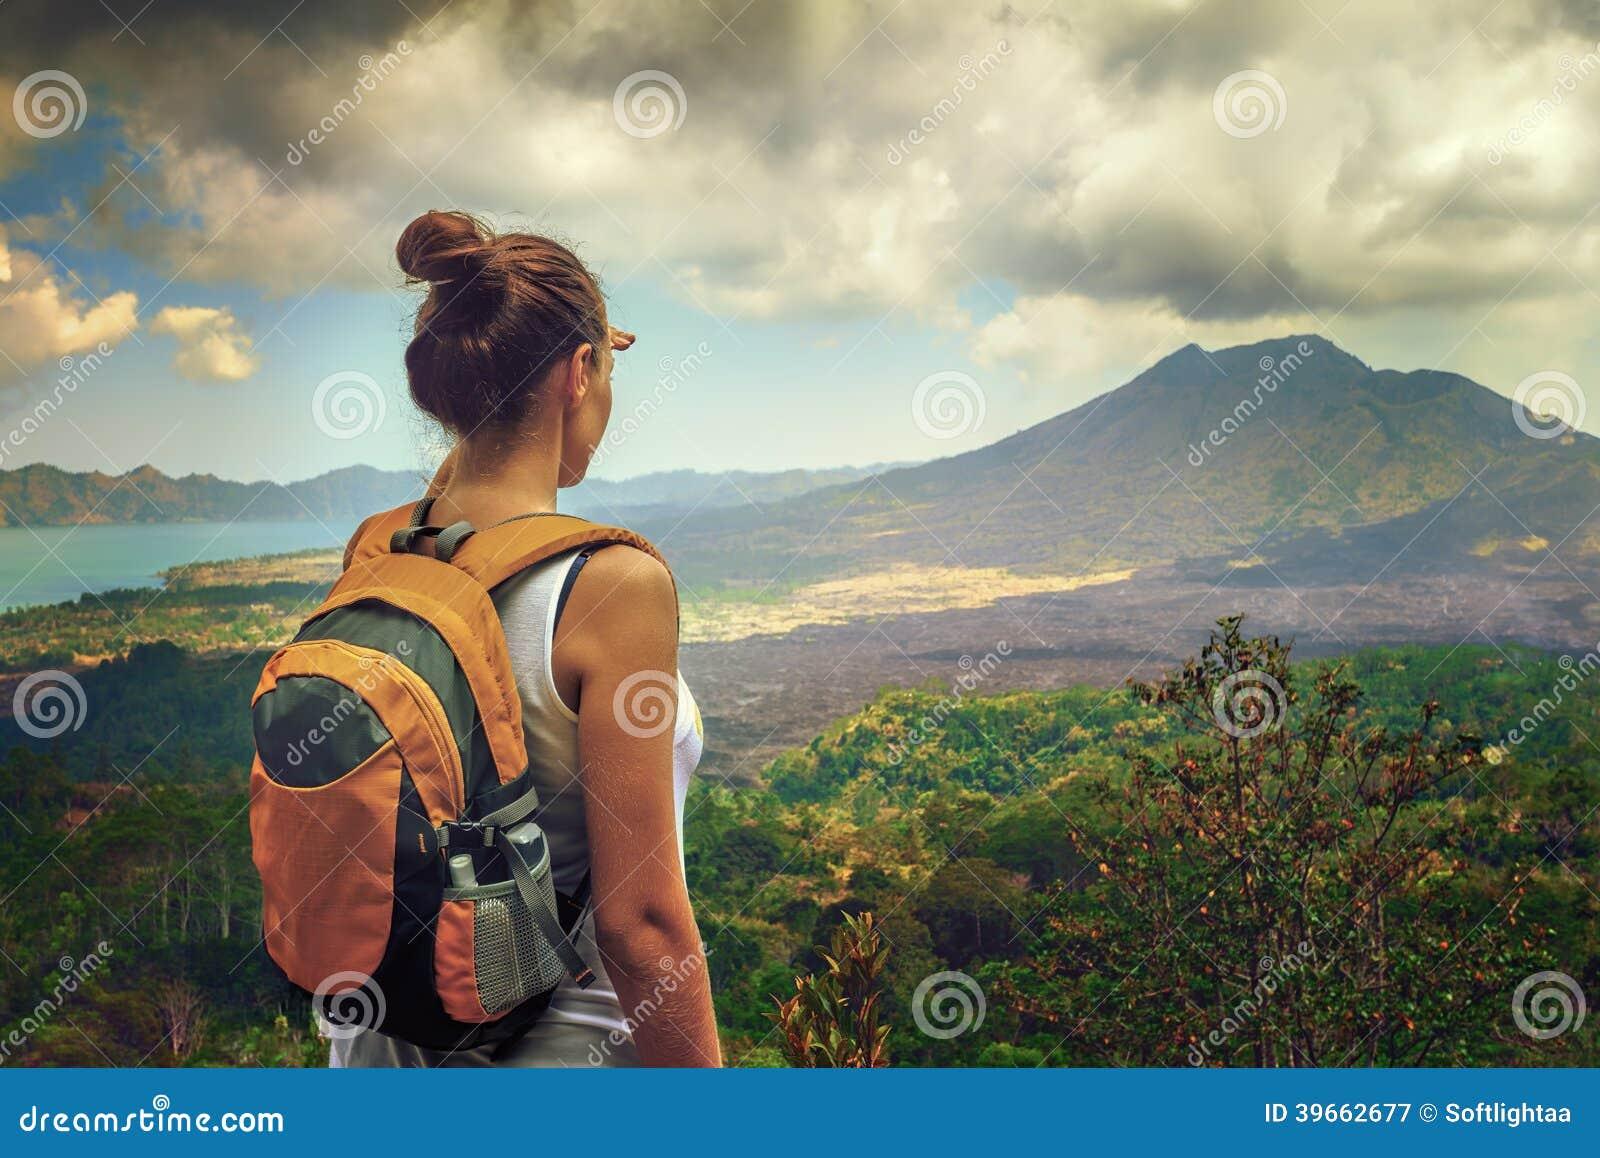 Damentourist mit Rucksack